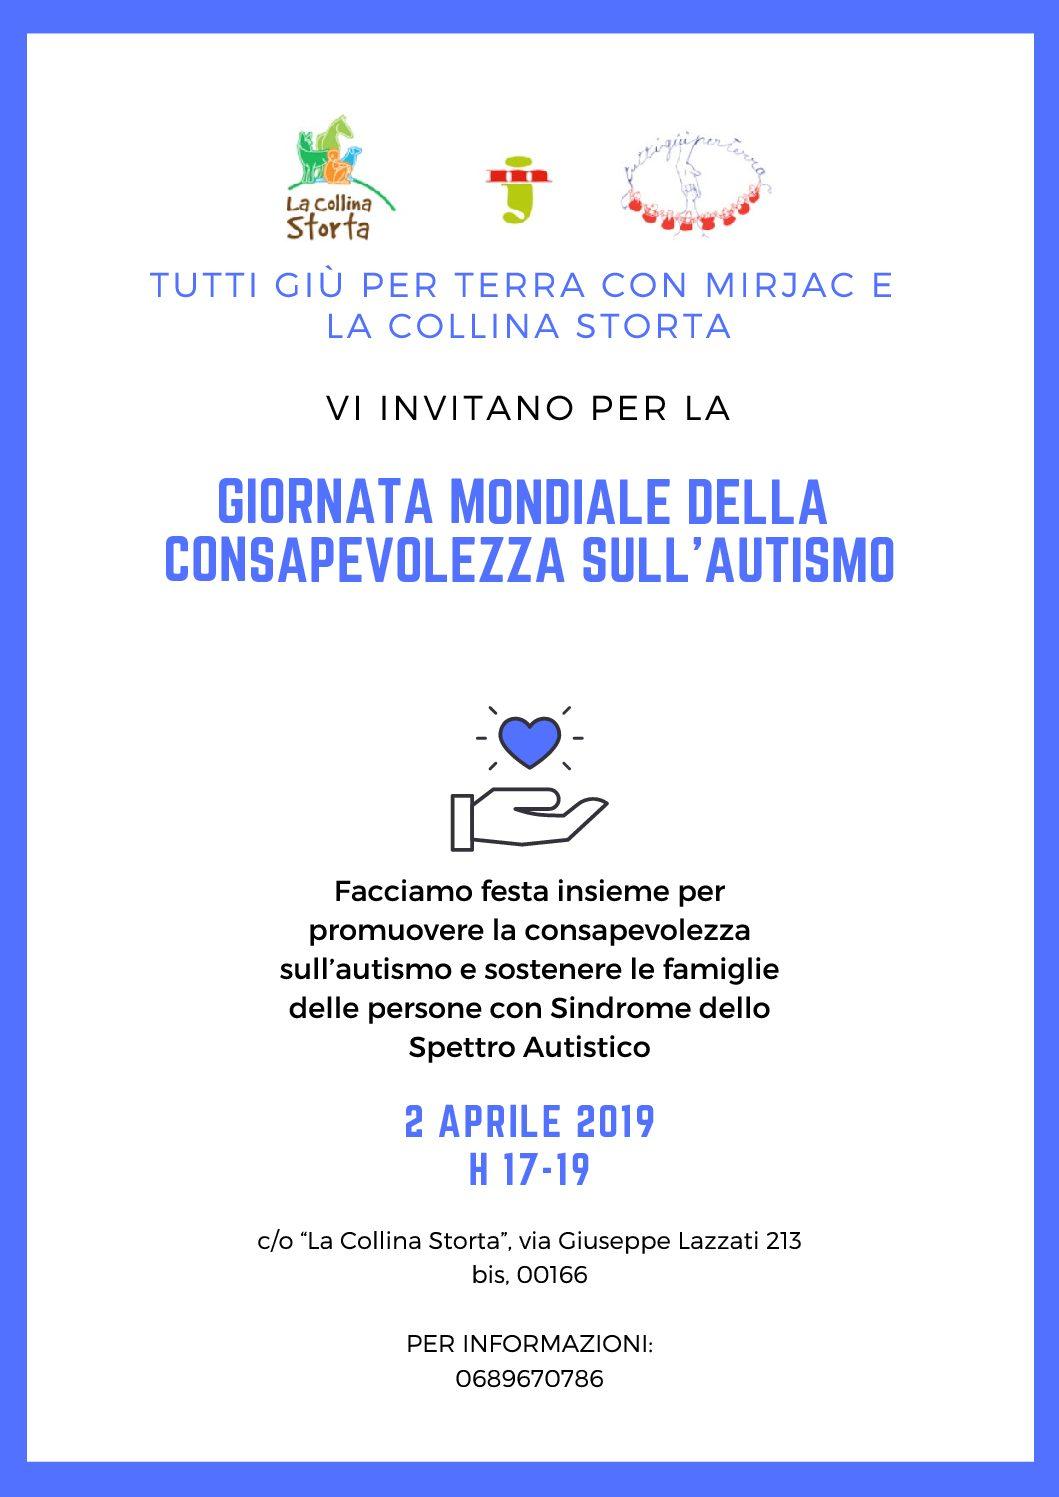 Giornata della consapevolezza sull'autismo, il 2 Aprile 2019 presso La Collina Storta